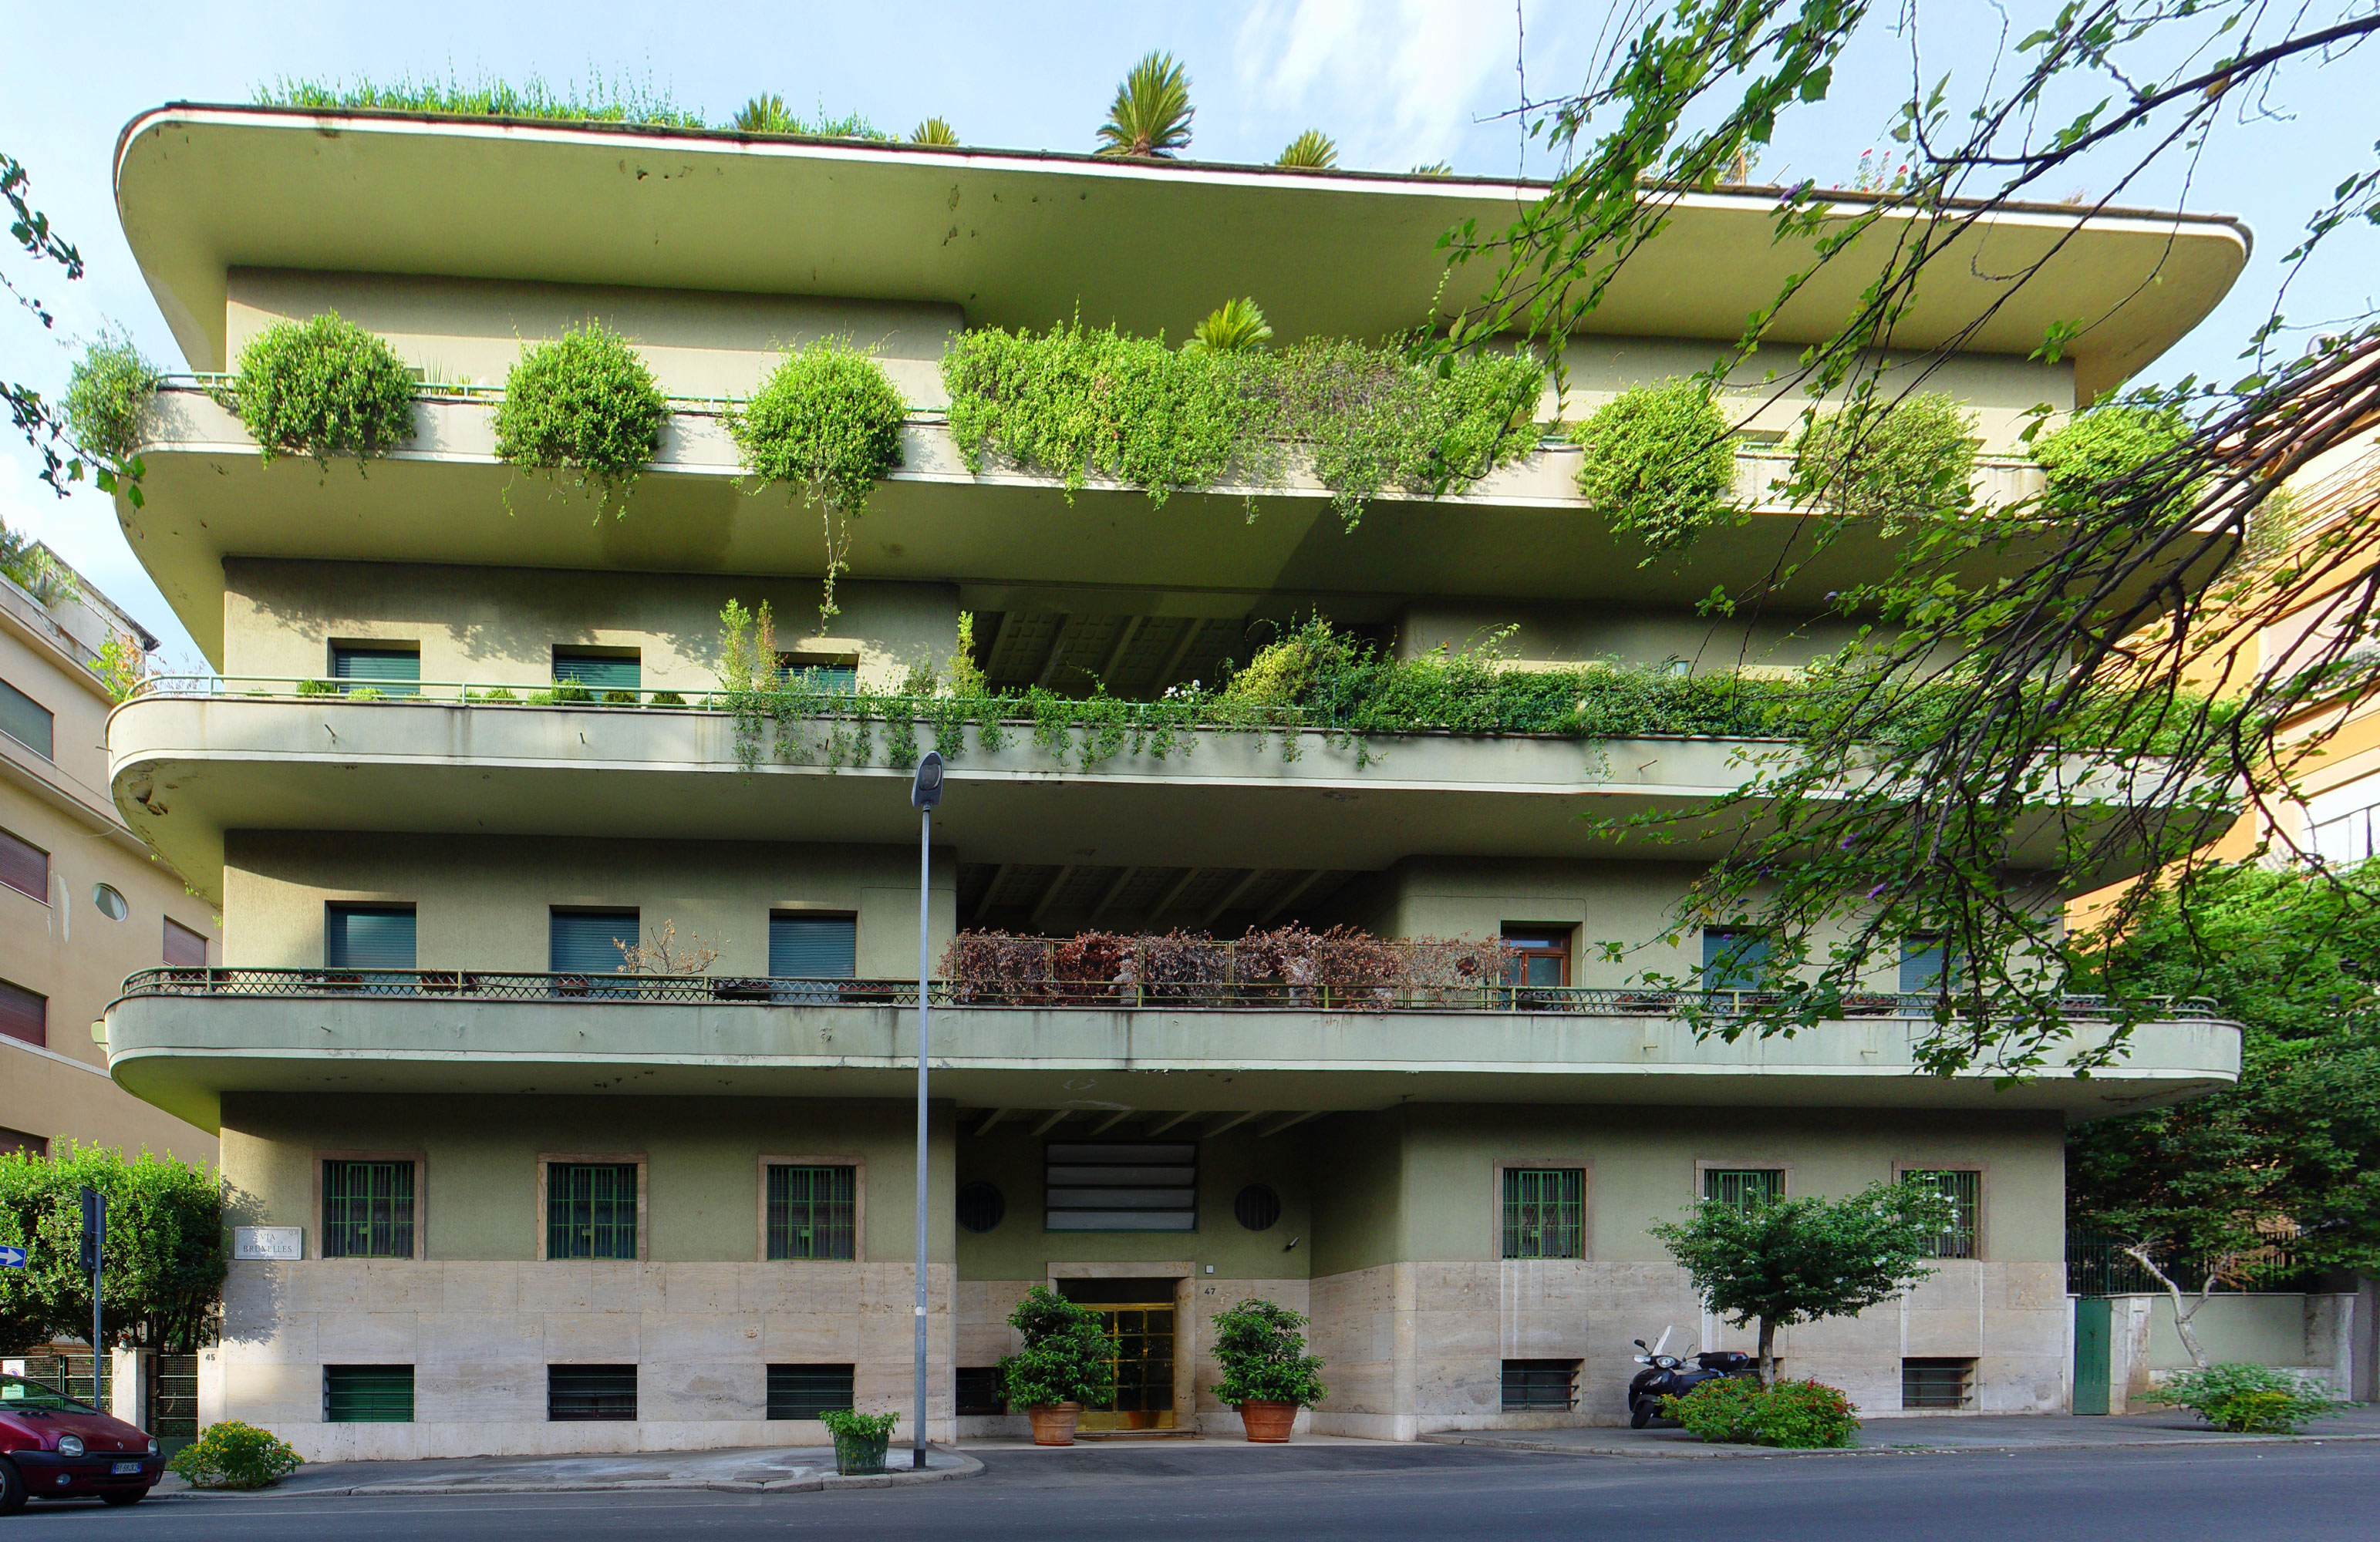 Architettura razionalista a roma 1920 1940 for Piani di palazzi contemporanei